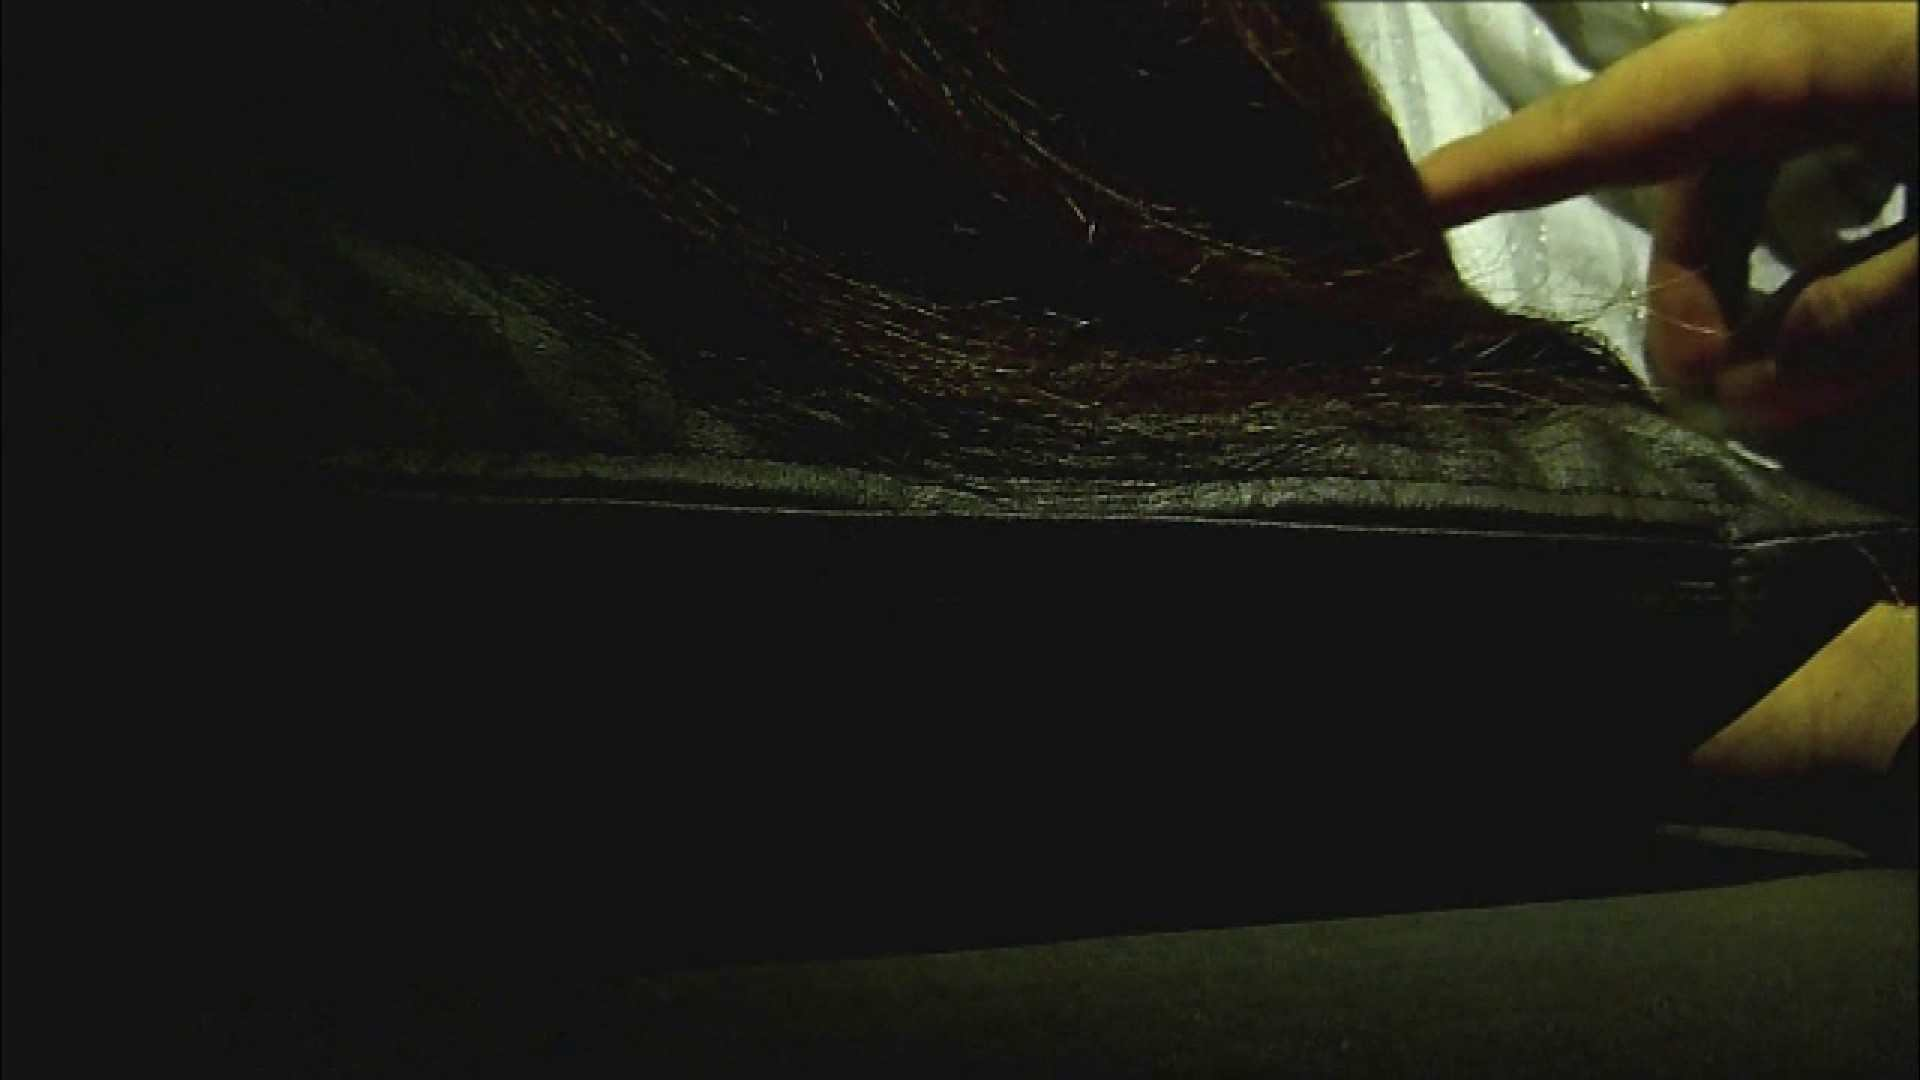 魔術師の お・も・て・な・し vol.01 20歳販売系 ワルノリ  61画像 48